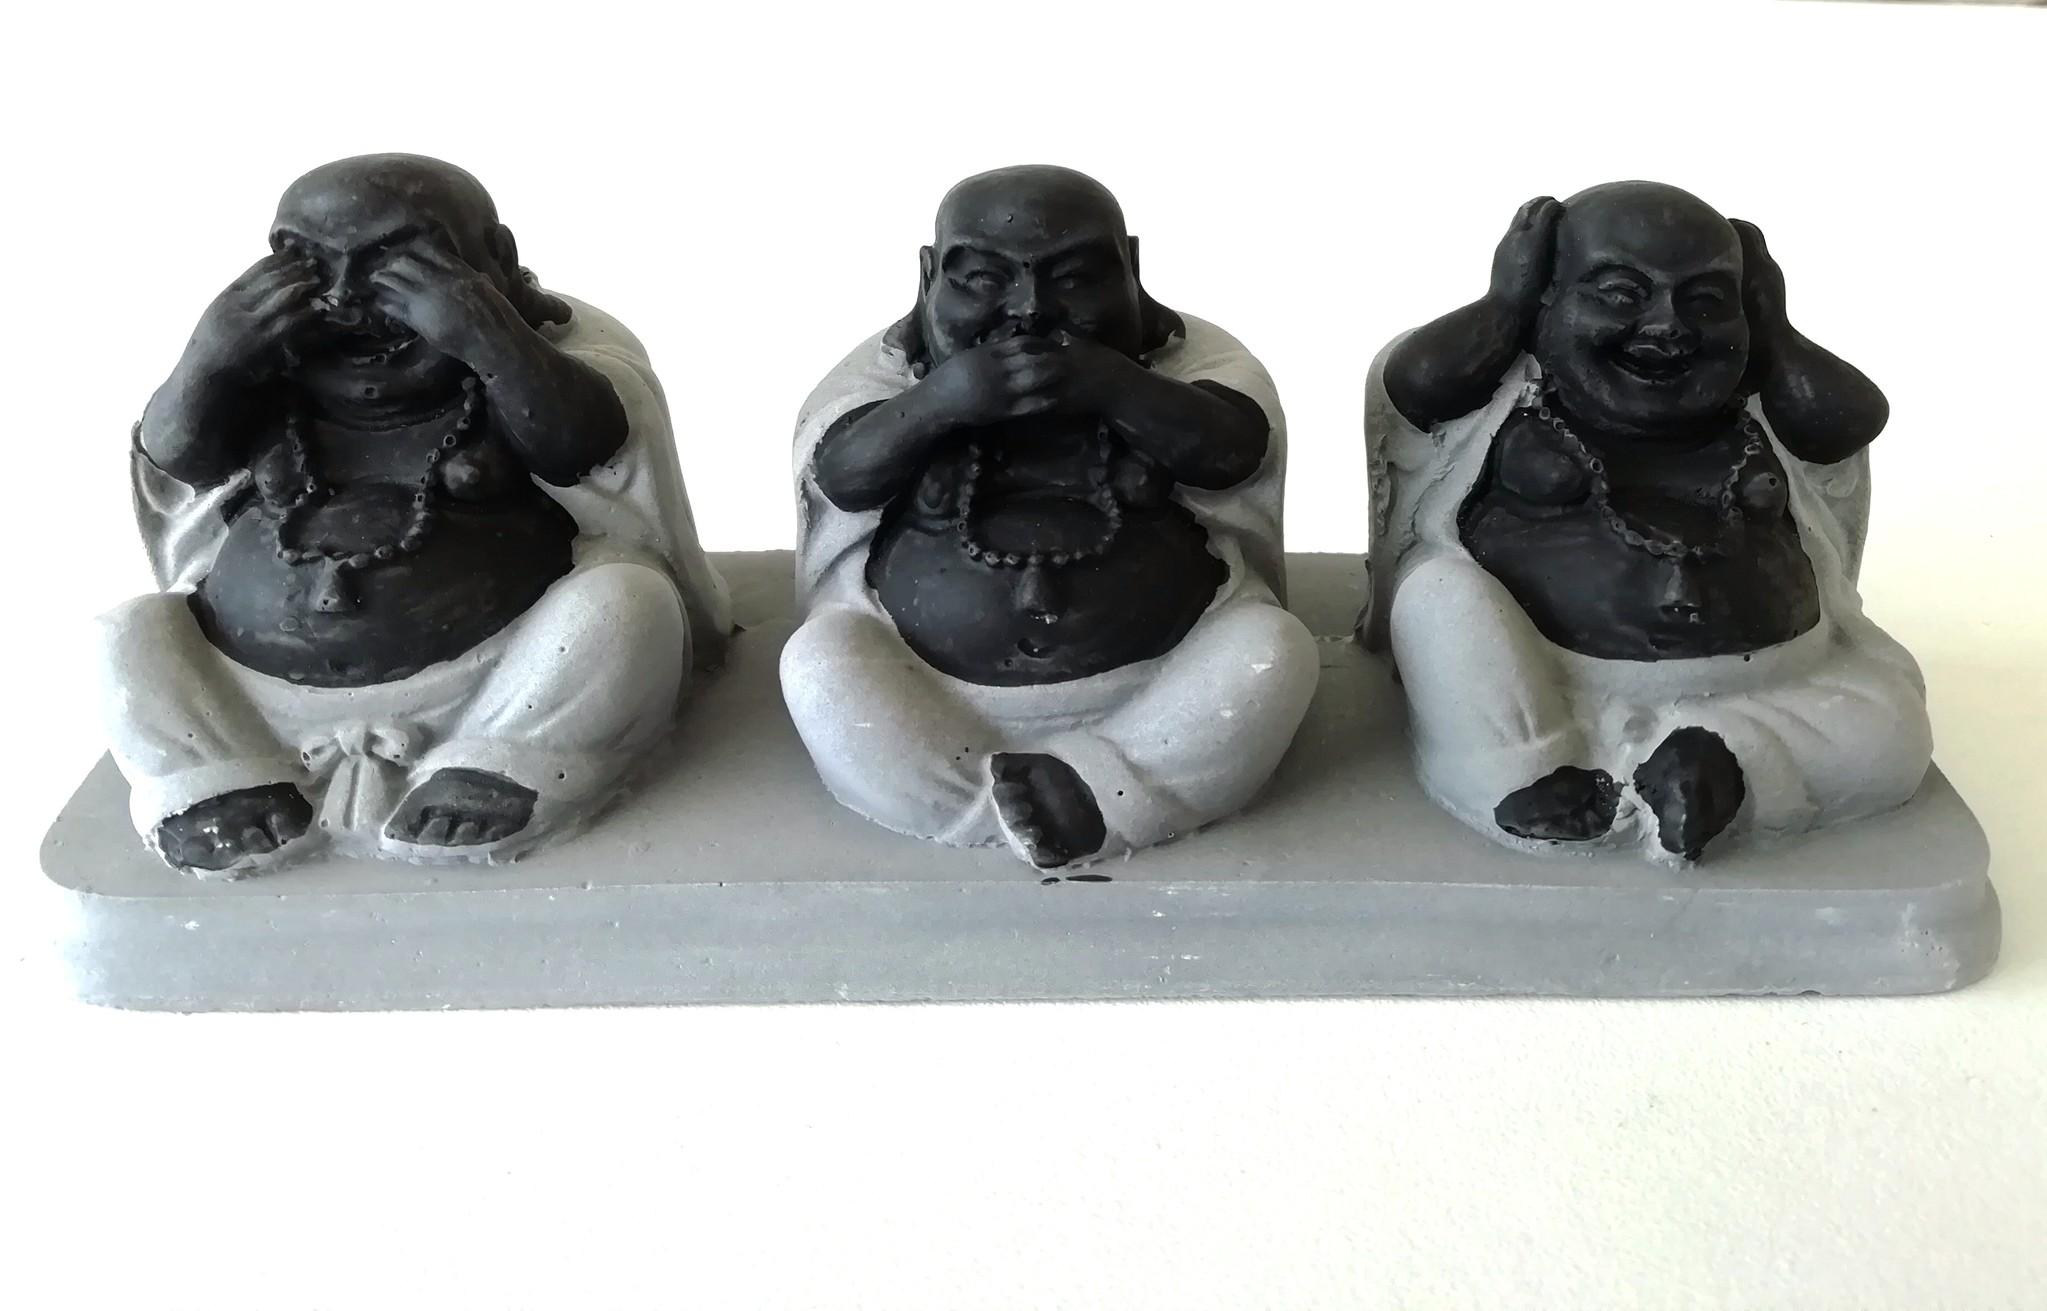 Die Buddhas der Weisheit, nicht sehen, nicht hören, nicht sprechen.-1